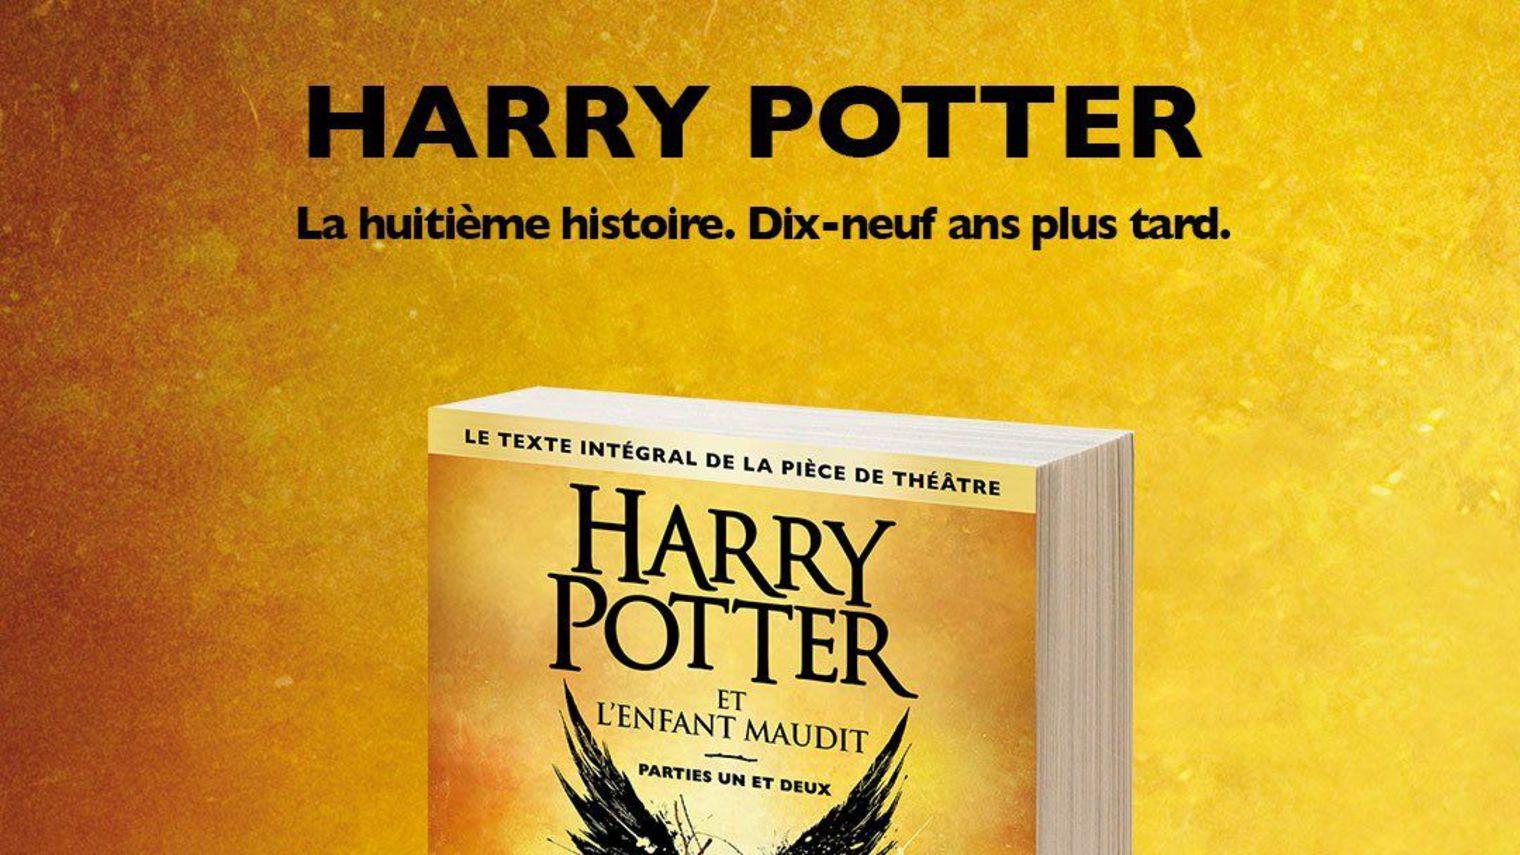 Nouveau livre harry potter les r servations sont ouvertes la librairie du tramway - Nouveau livre thermomix 2017 ...